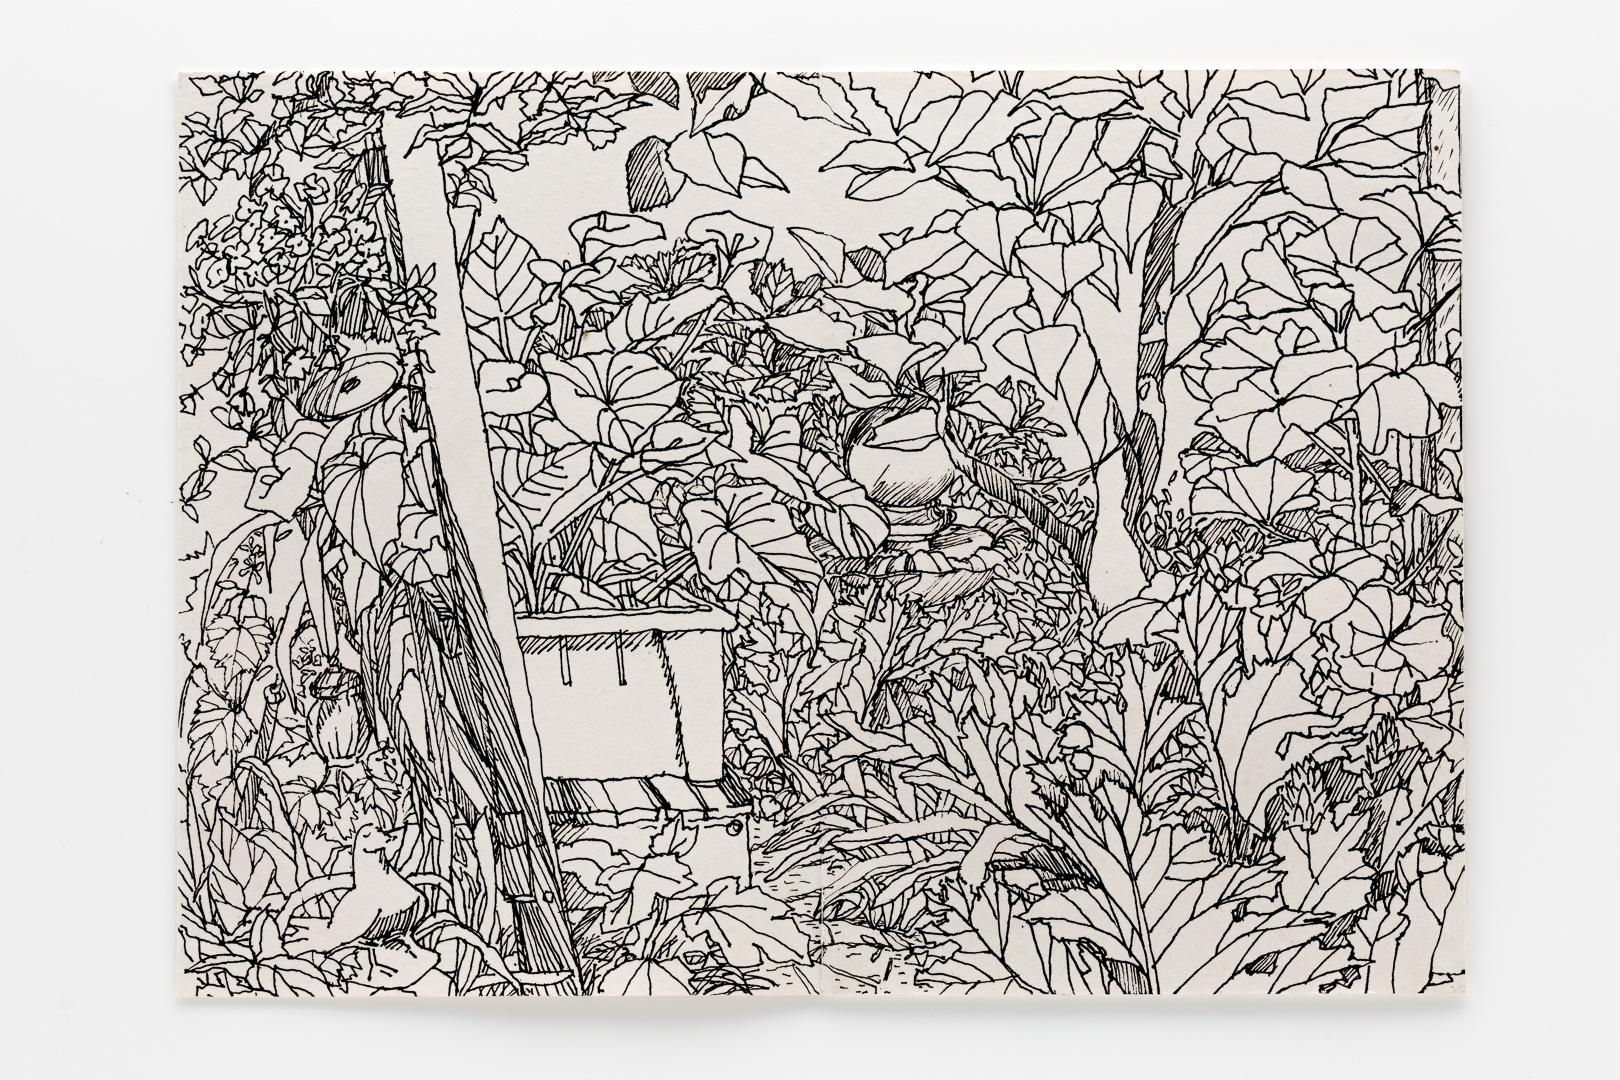 Garden – Gulgamree, Mudgee 2017